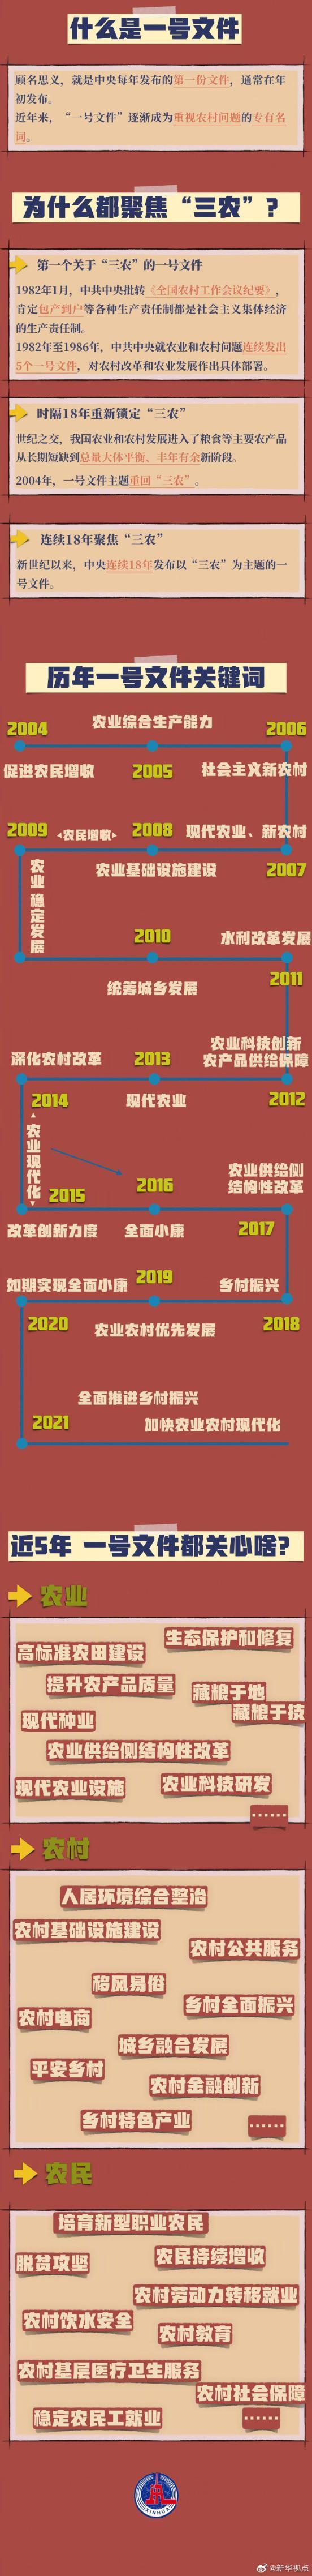 说明:2021年中央一号文件要点一览表